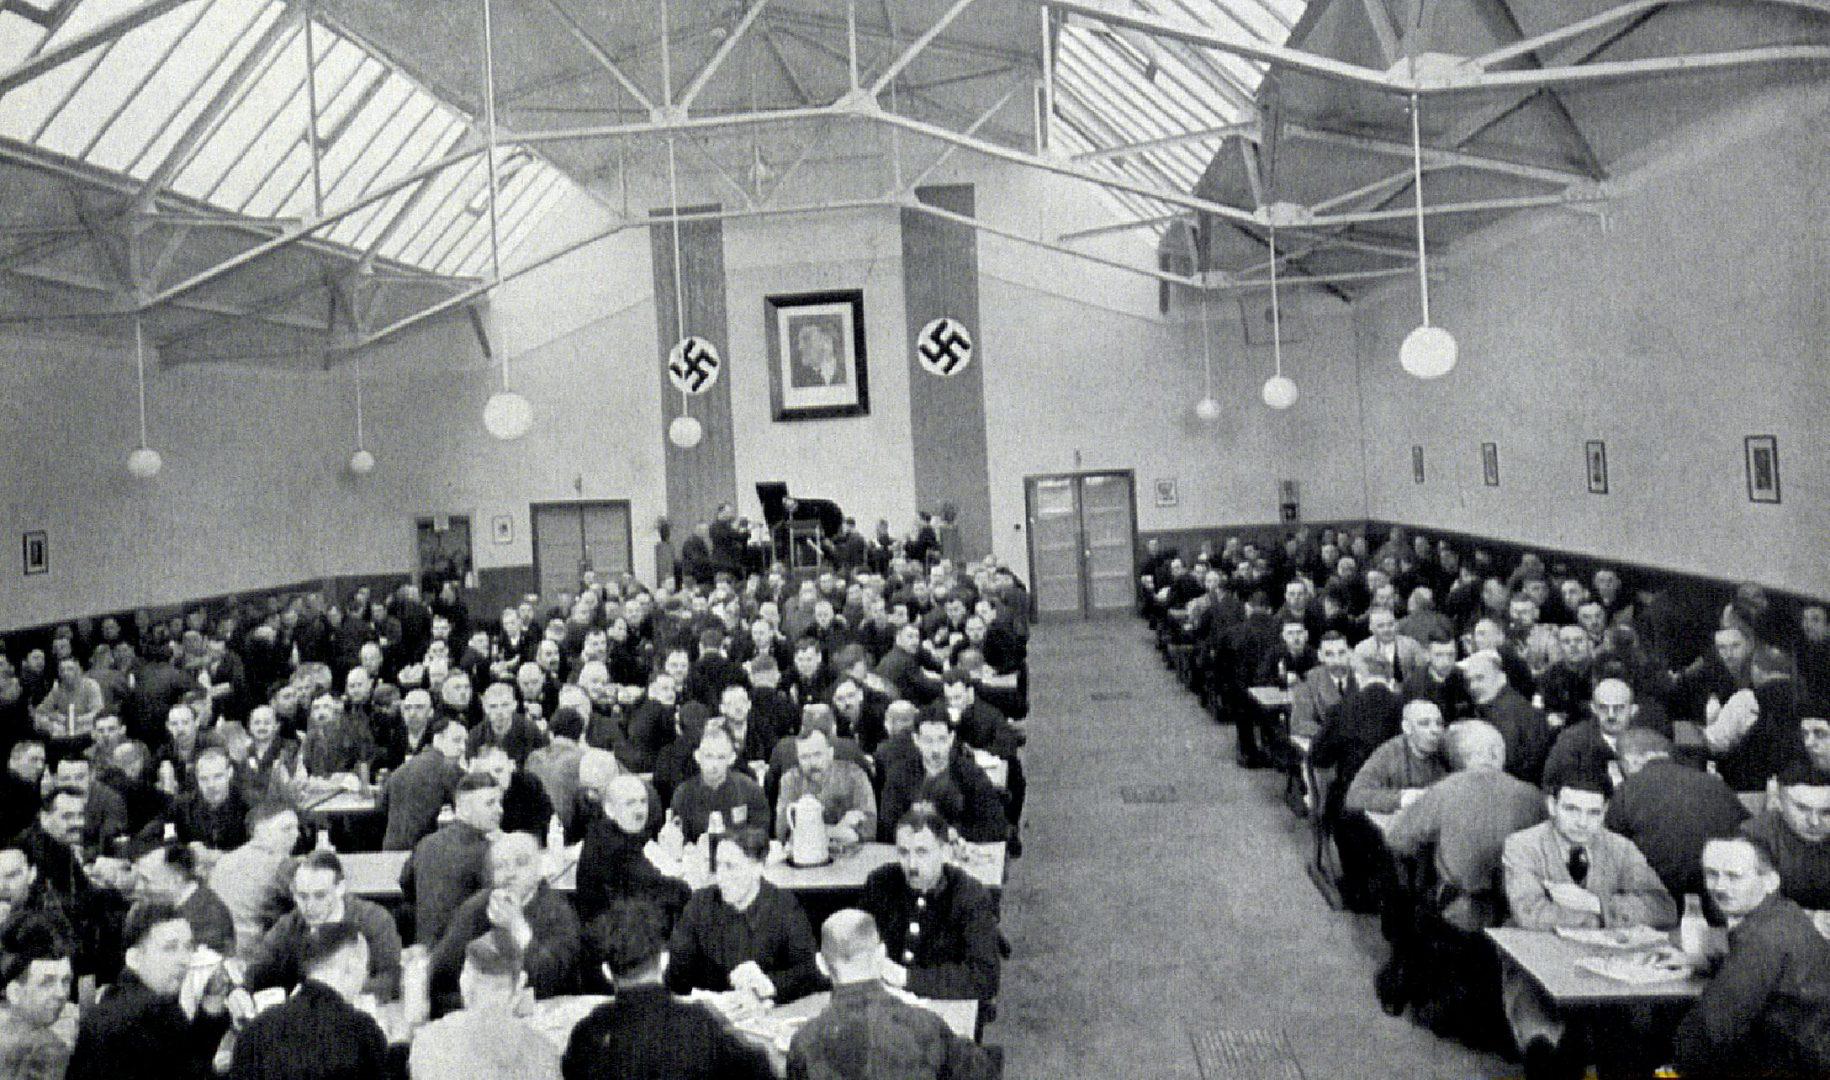 Der Nationalsozialismus brachte teilweise auch bessere Arbeitsbedingungen, wie hier in den Gleisbau-Werkstätten. Aus: Stirn und Faust, Mitarbeiterzeitschrift der HHA vom 30.01.1937